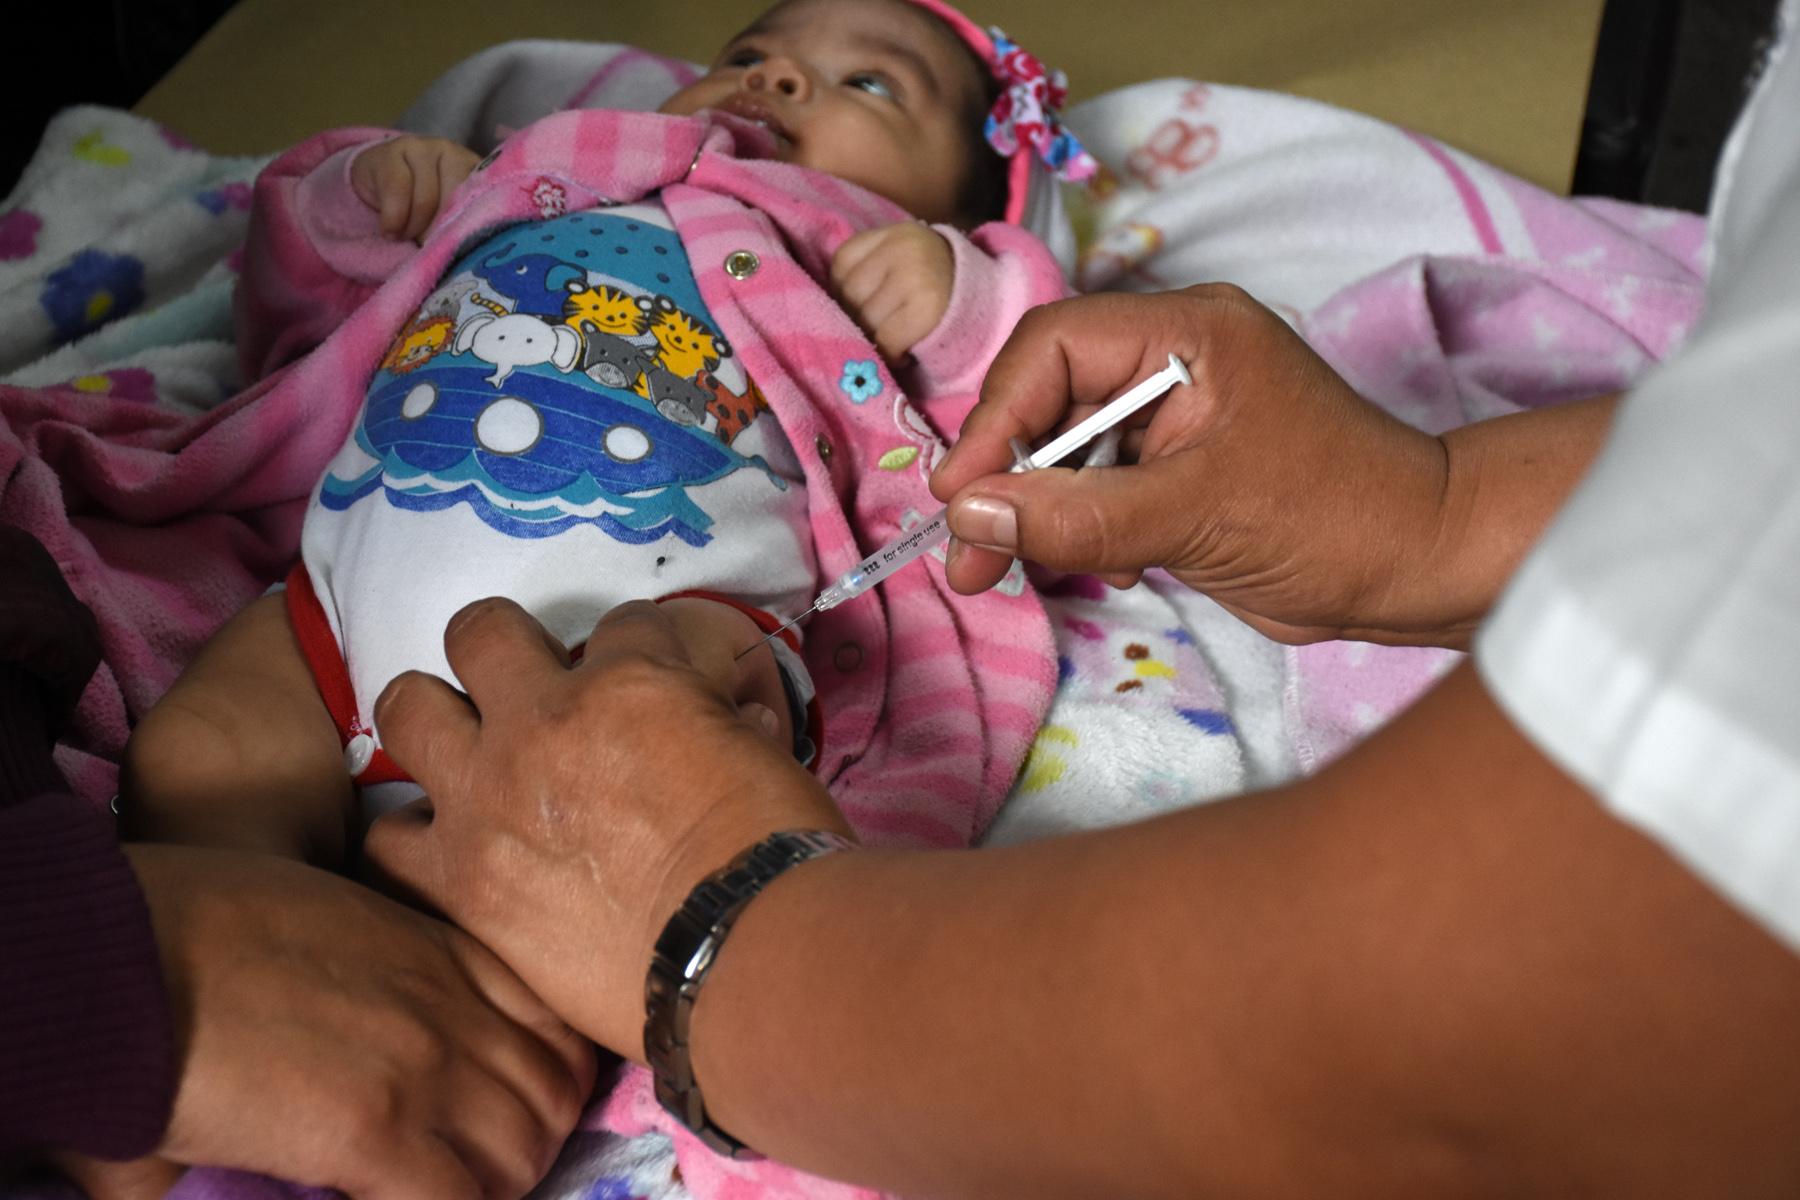 Los niños con edades de 12 a 18 meses deben ser inmunizados con la vacuna SPR. (Foto Prensa Libre: Ministerio de Salud)